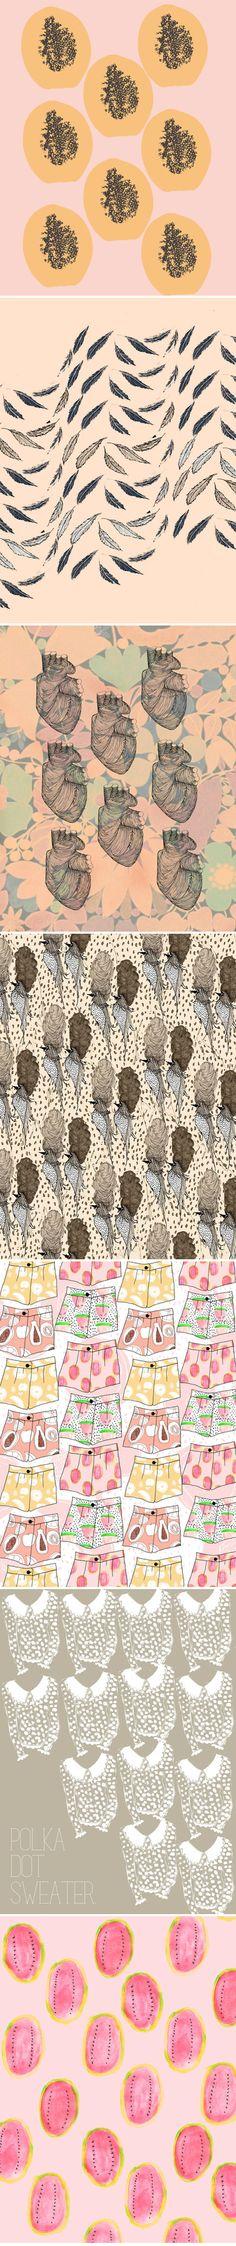 kendra dandy pattern art